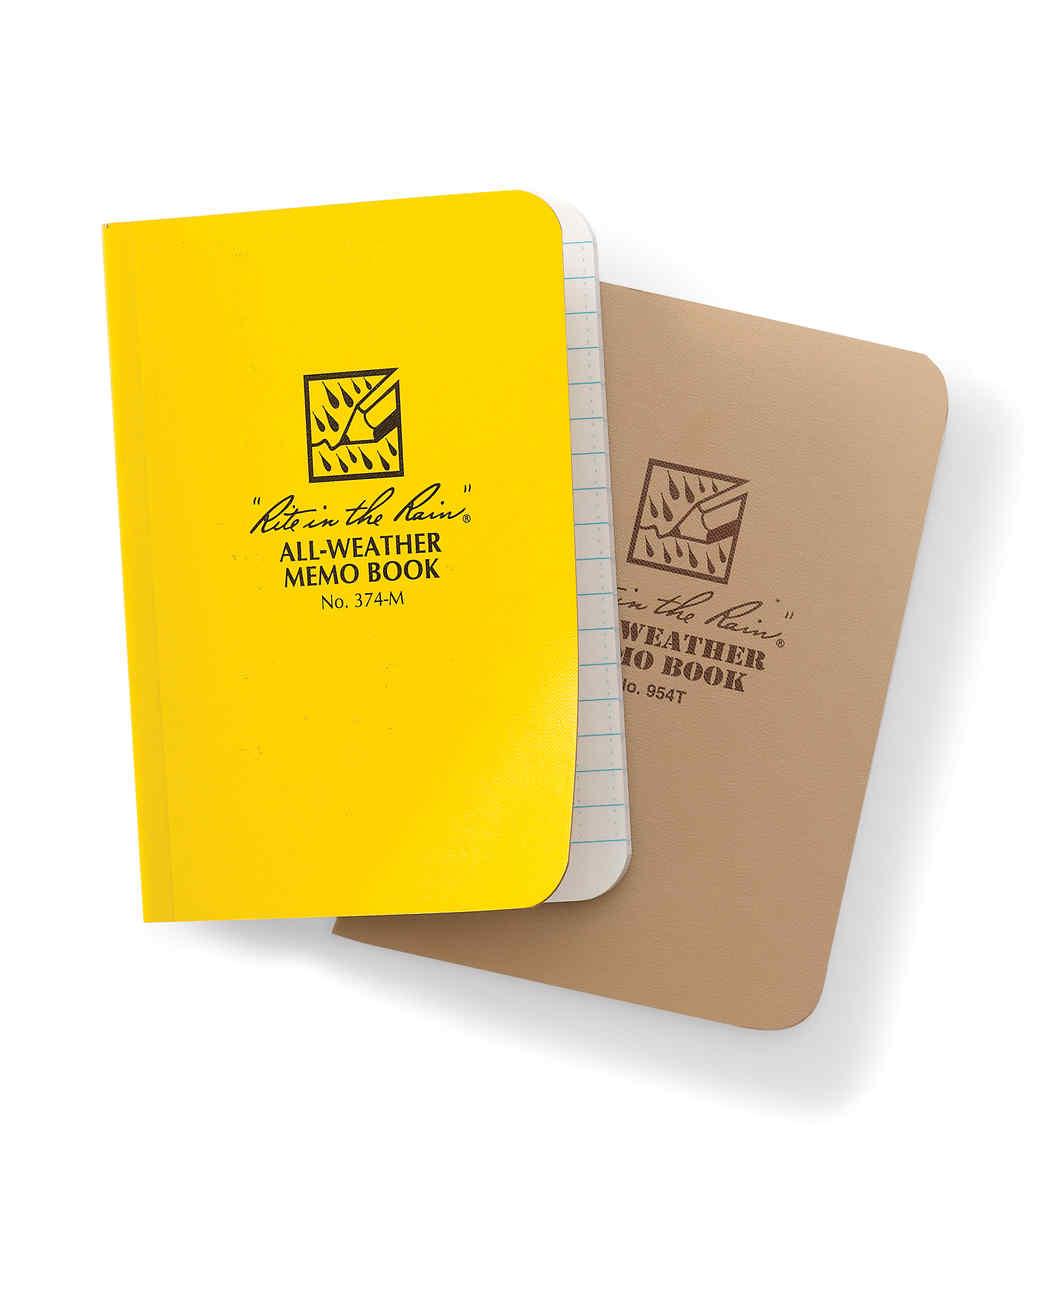 notebook-finds-0811mld107422.jpg